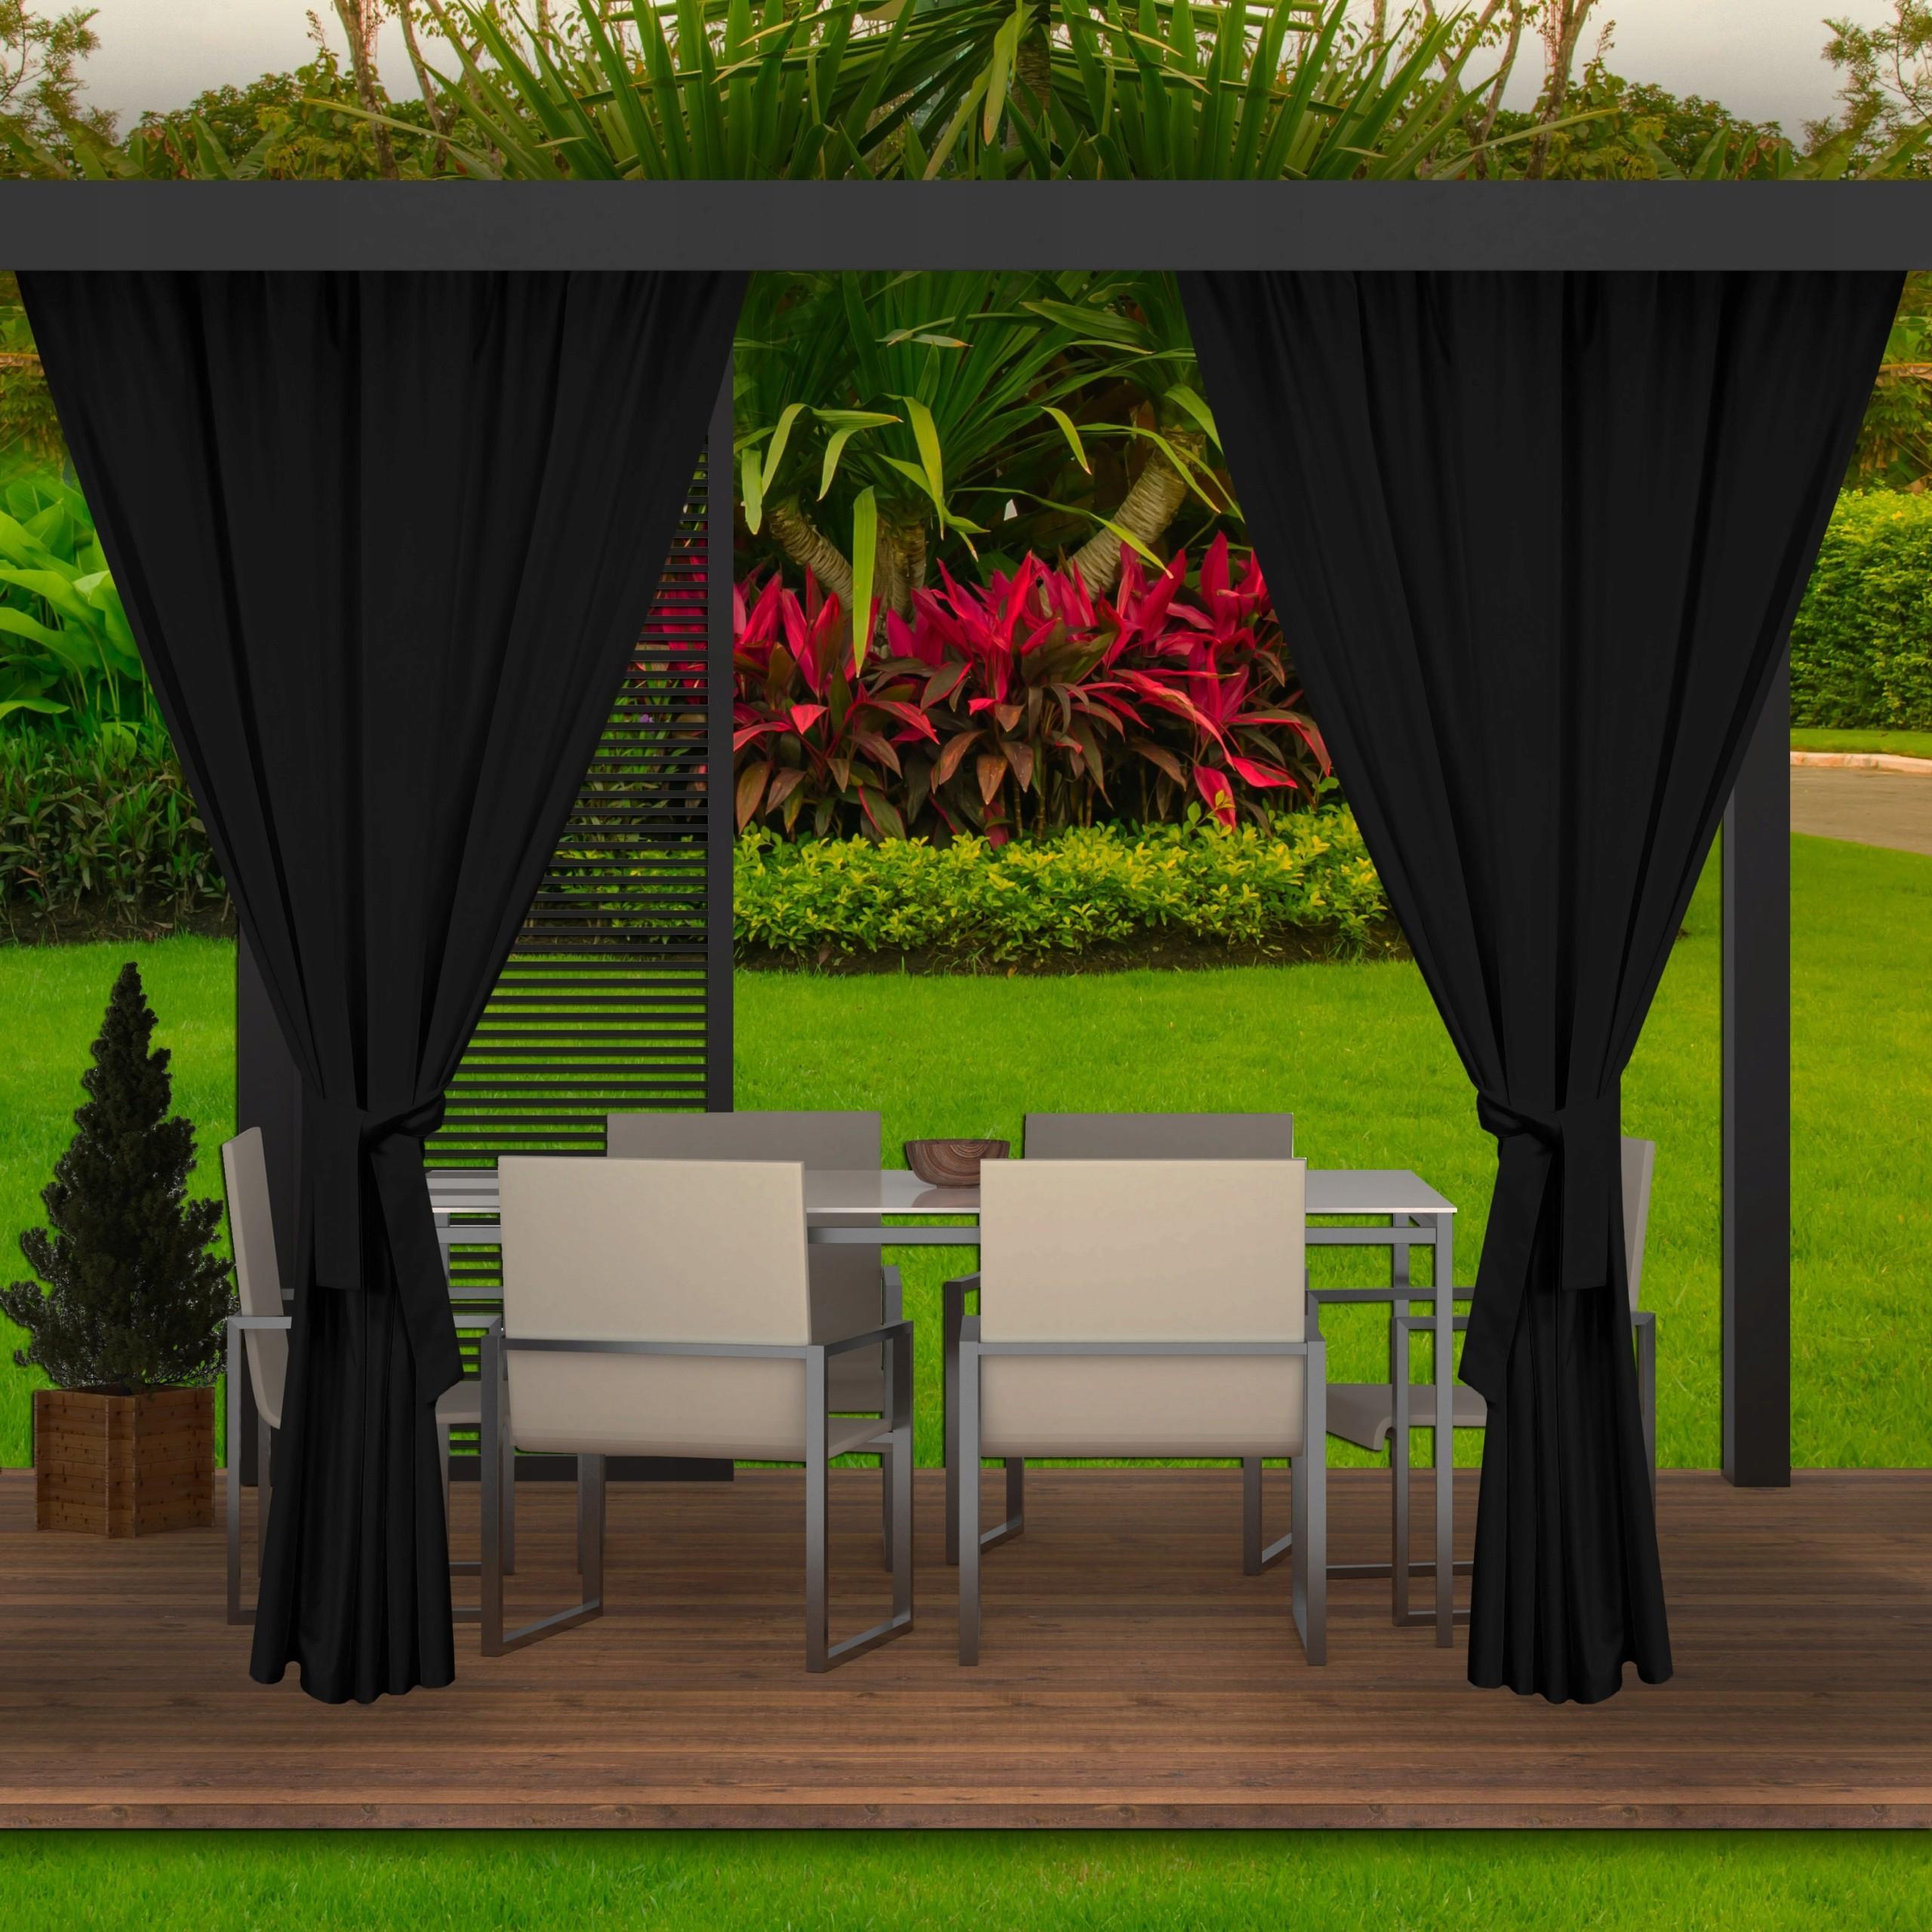 Moderní exteriérových černé závěsy na zahradní terasu